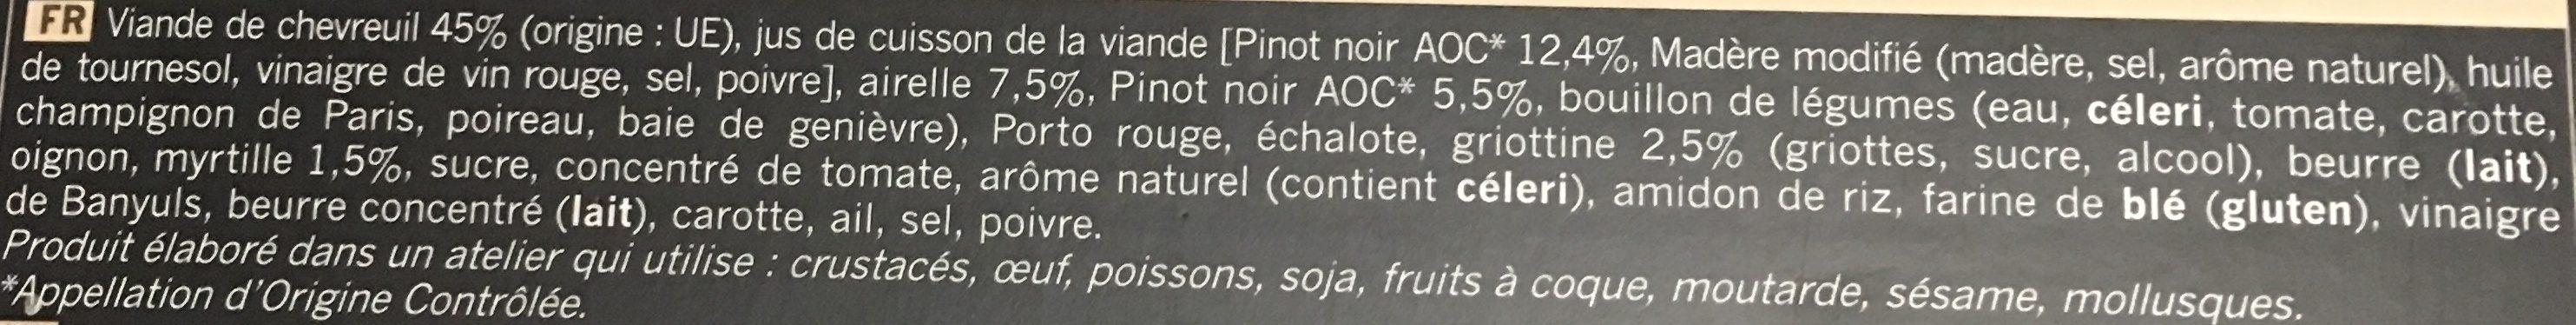 Civet de Chevreuil, Sauce au Pinot Noir et aux Airelles - Ingrédients - fr